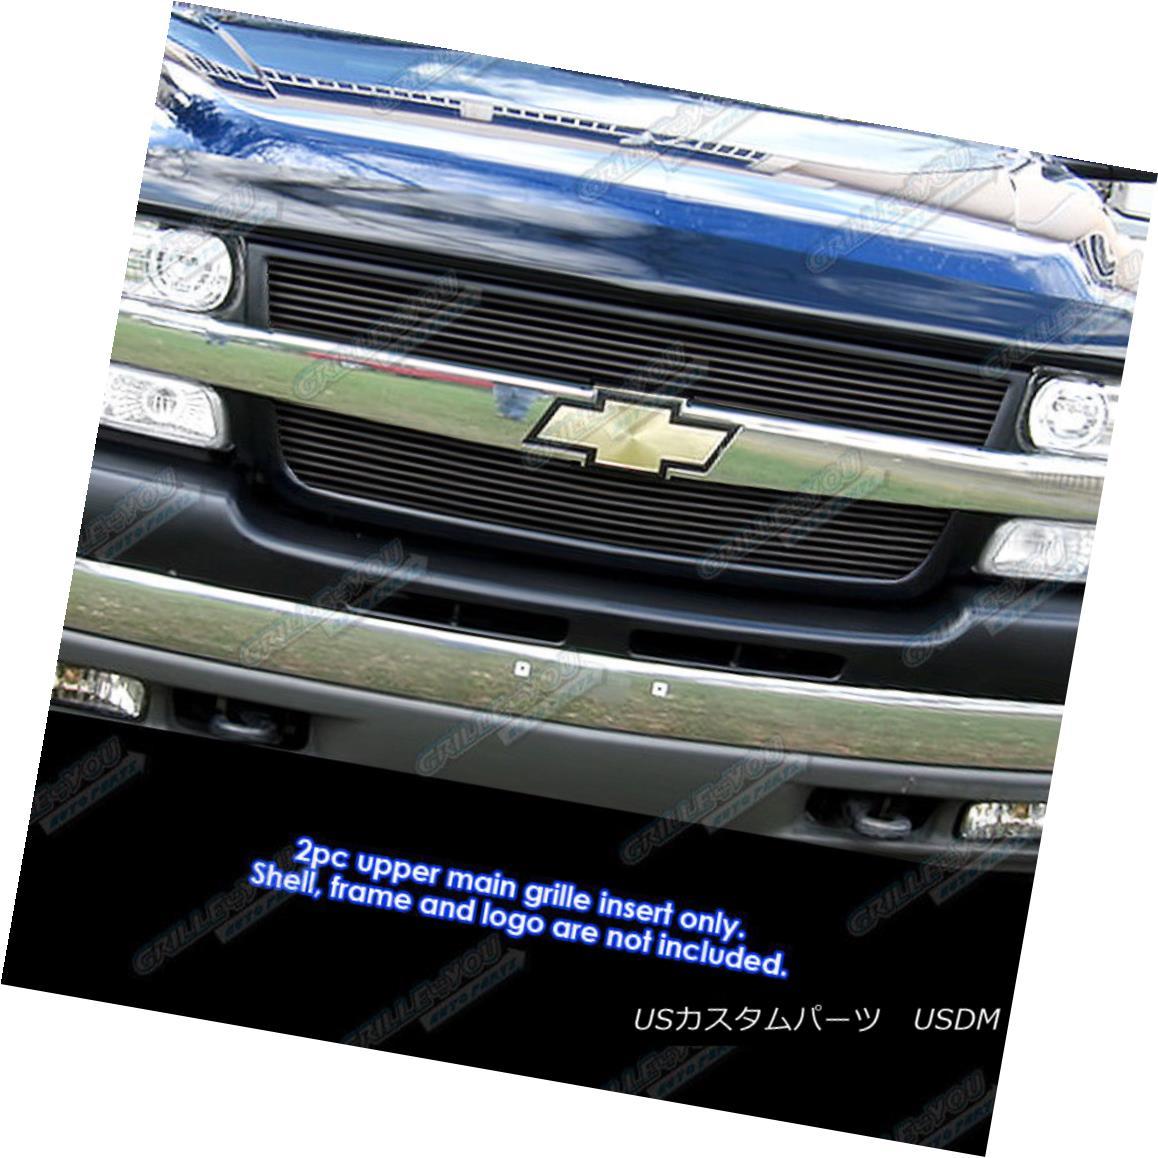 グリル Fits 2001-2002 Chevy Silverado 2500/3500 Black Billet Grille Grill Insert 2001-2002 Chevy Silverado 2500/3500 Black Billetグリルグリルインサート